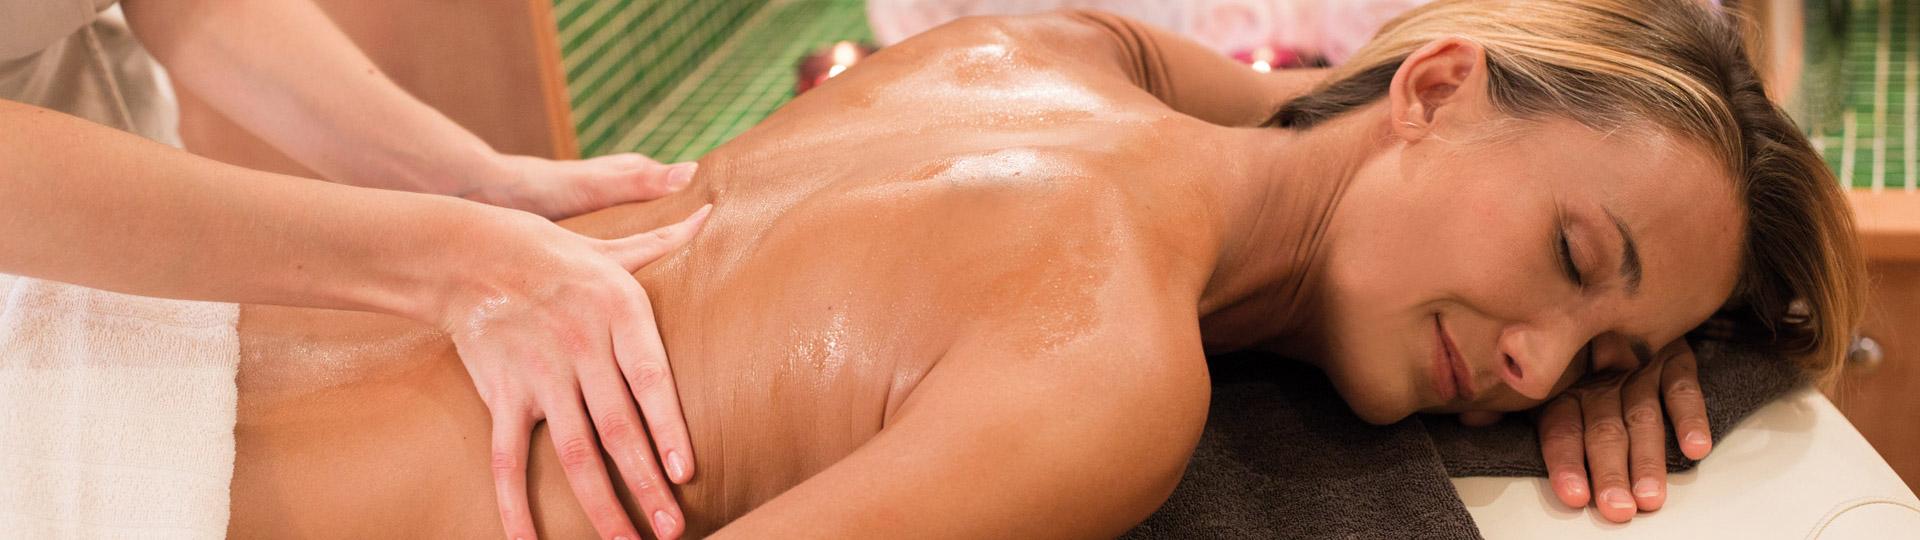 Massage à Divonne-les-Bains